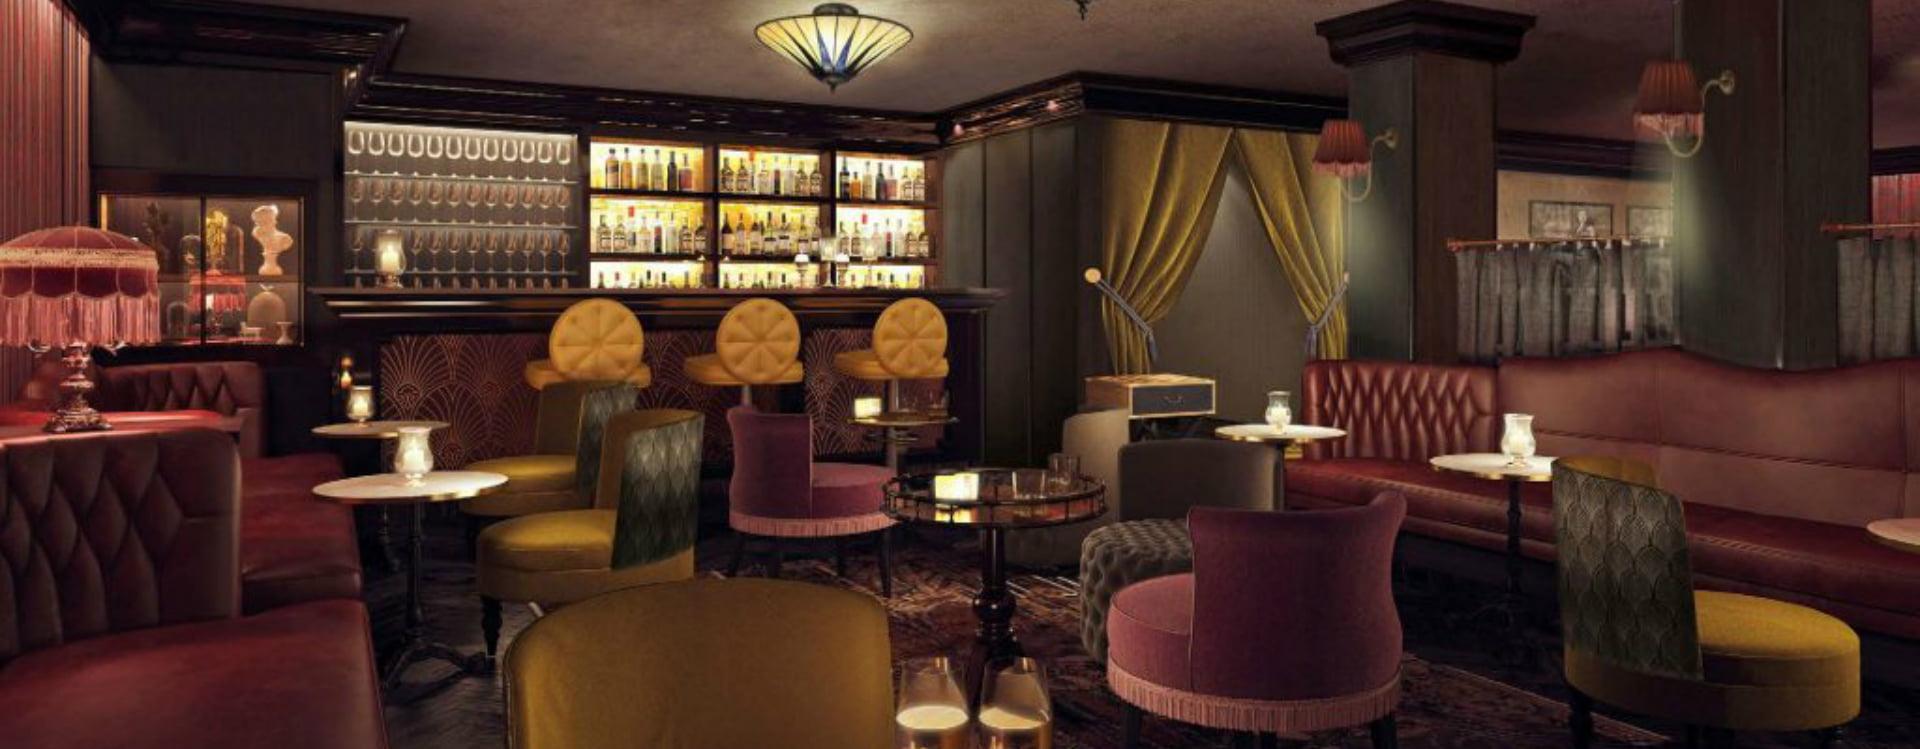 Do Not Disturb A New Art Deco Speakeasy Beneath The City